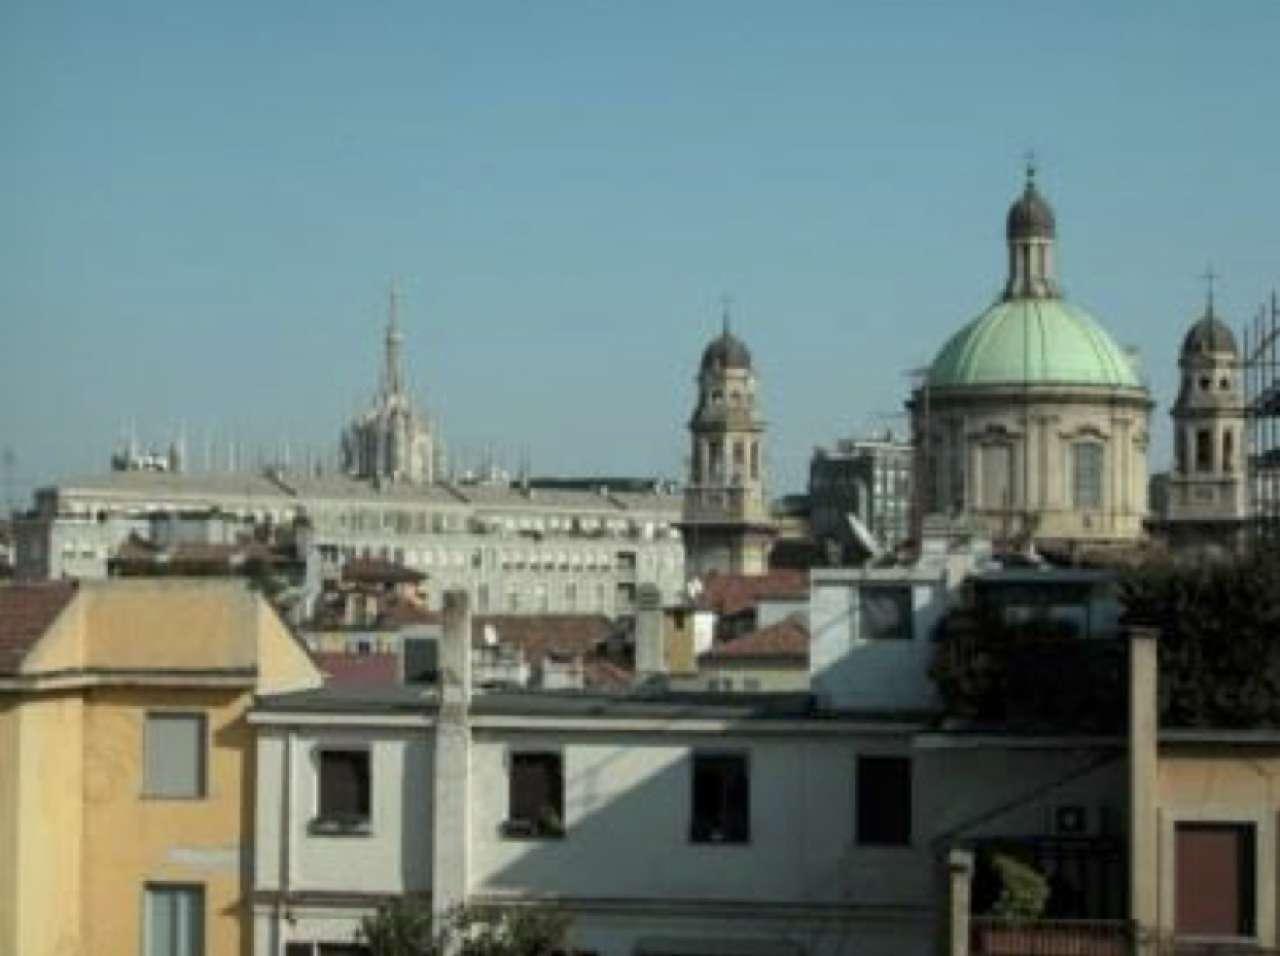 Appartamento in affitto a Milano, 3 locali, zona Zona: 1 . Centro Storico, Duomo, Brera, Cadorna, Cattolica, prezzo € 3.000   CambioCasa.it